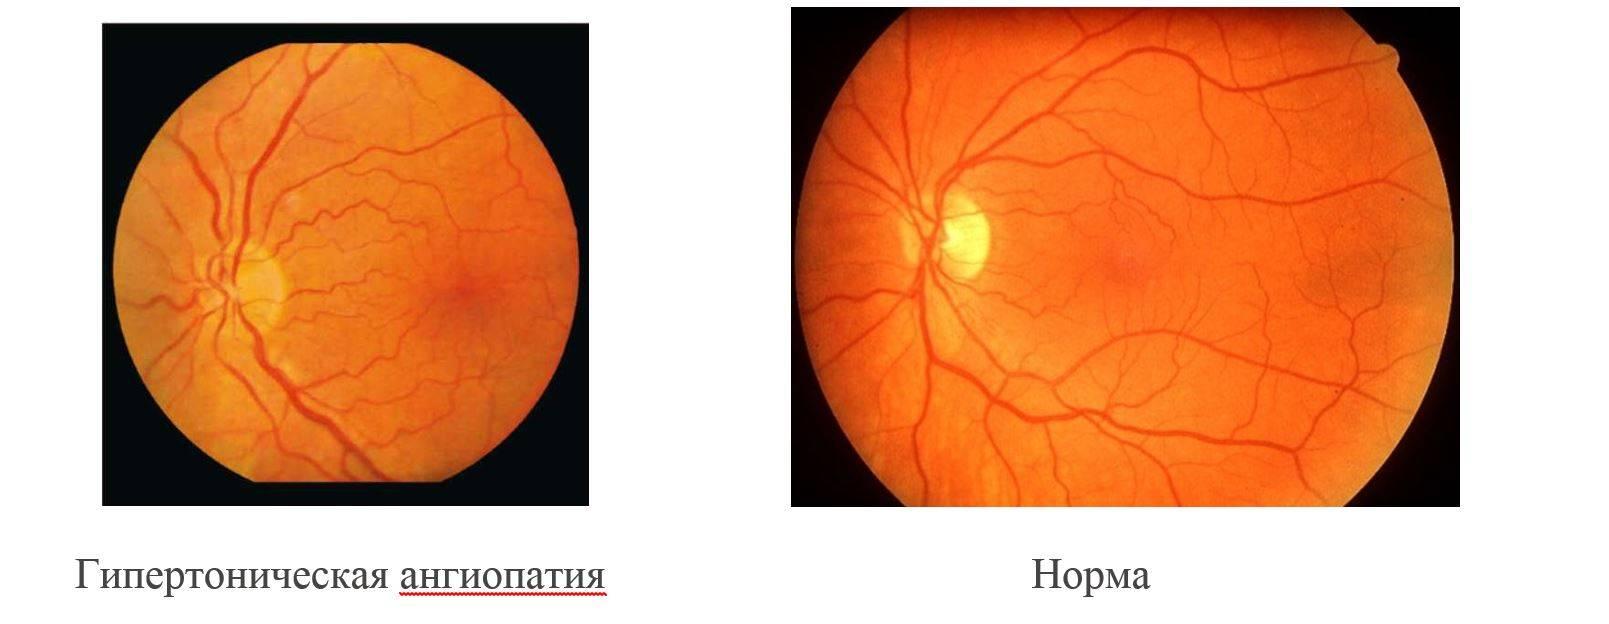 Ангиосклероз сетчатки глаза, диагностика и лечение заболевания